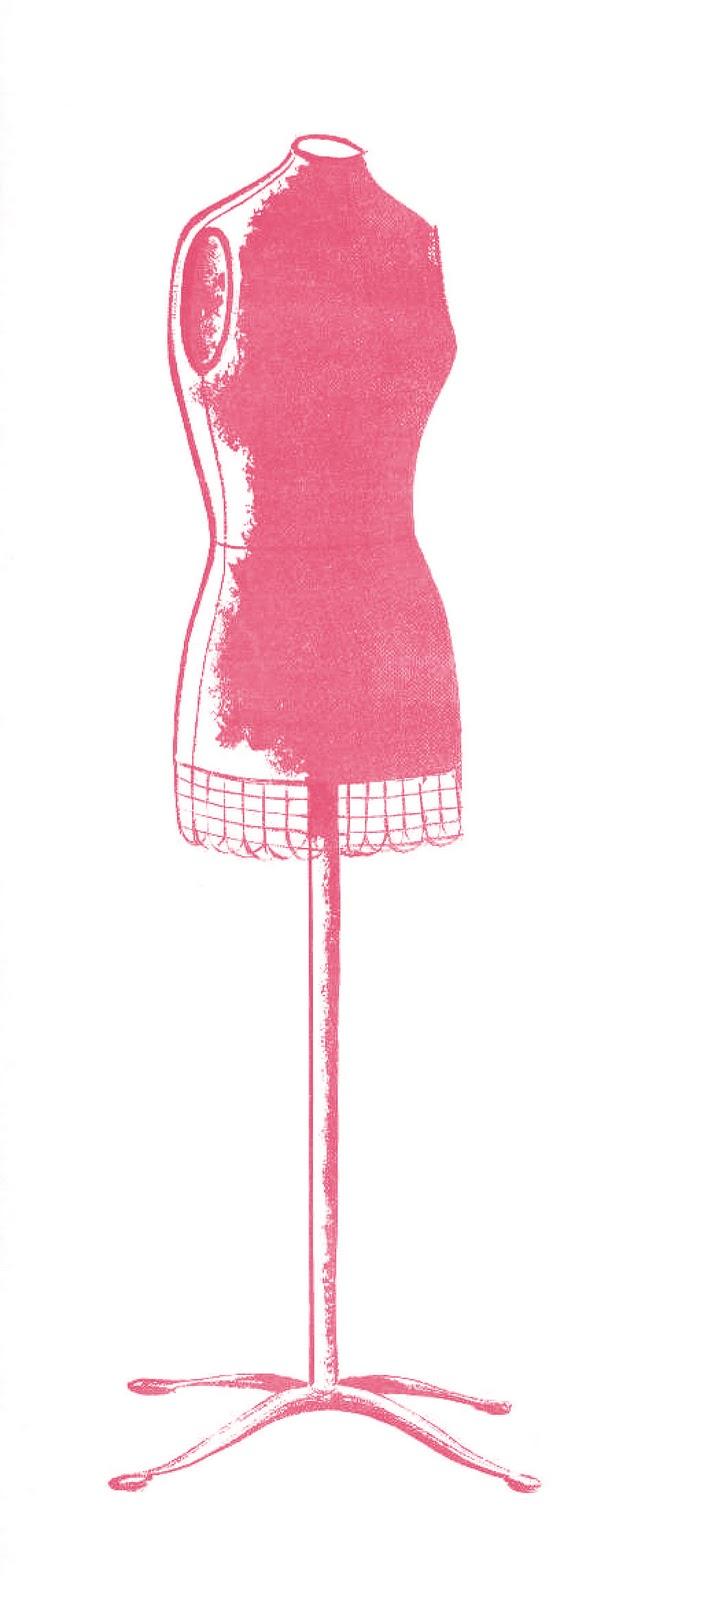 Vintage Dress Form Clip Art free image.